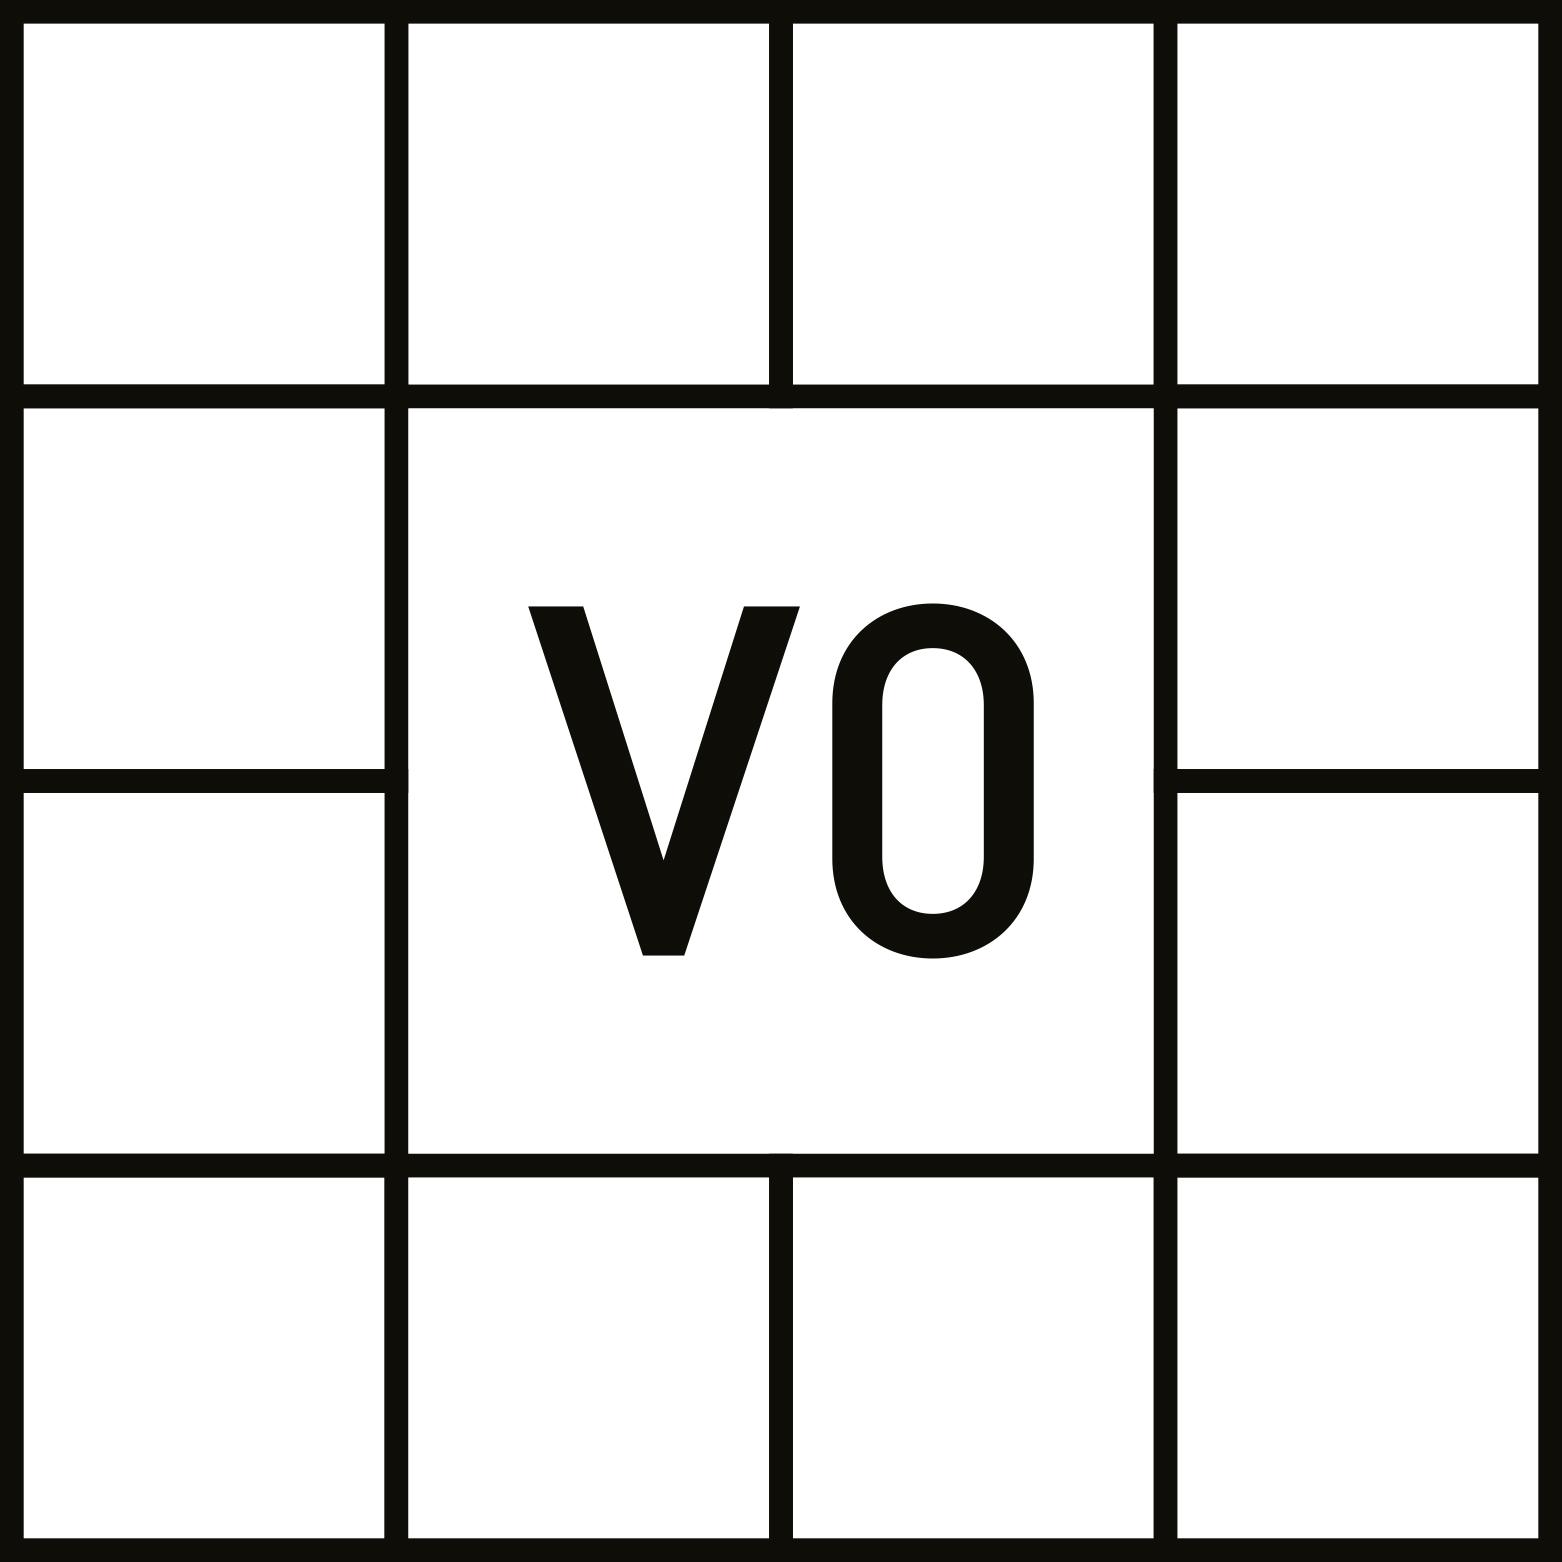 V0 - NULO - Aspecto muito uniforme. - ANSI A137.1 - Destonalização